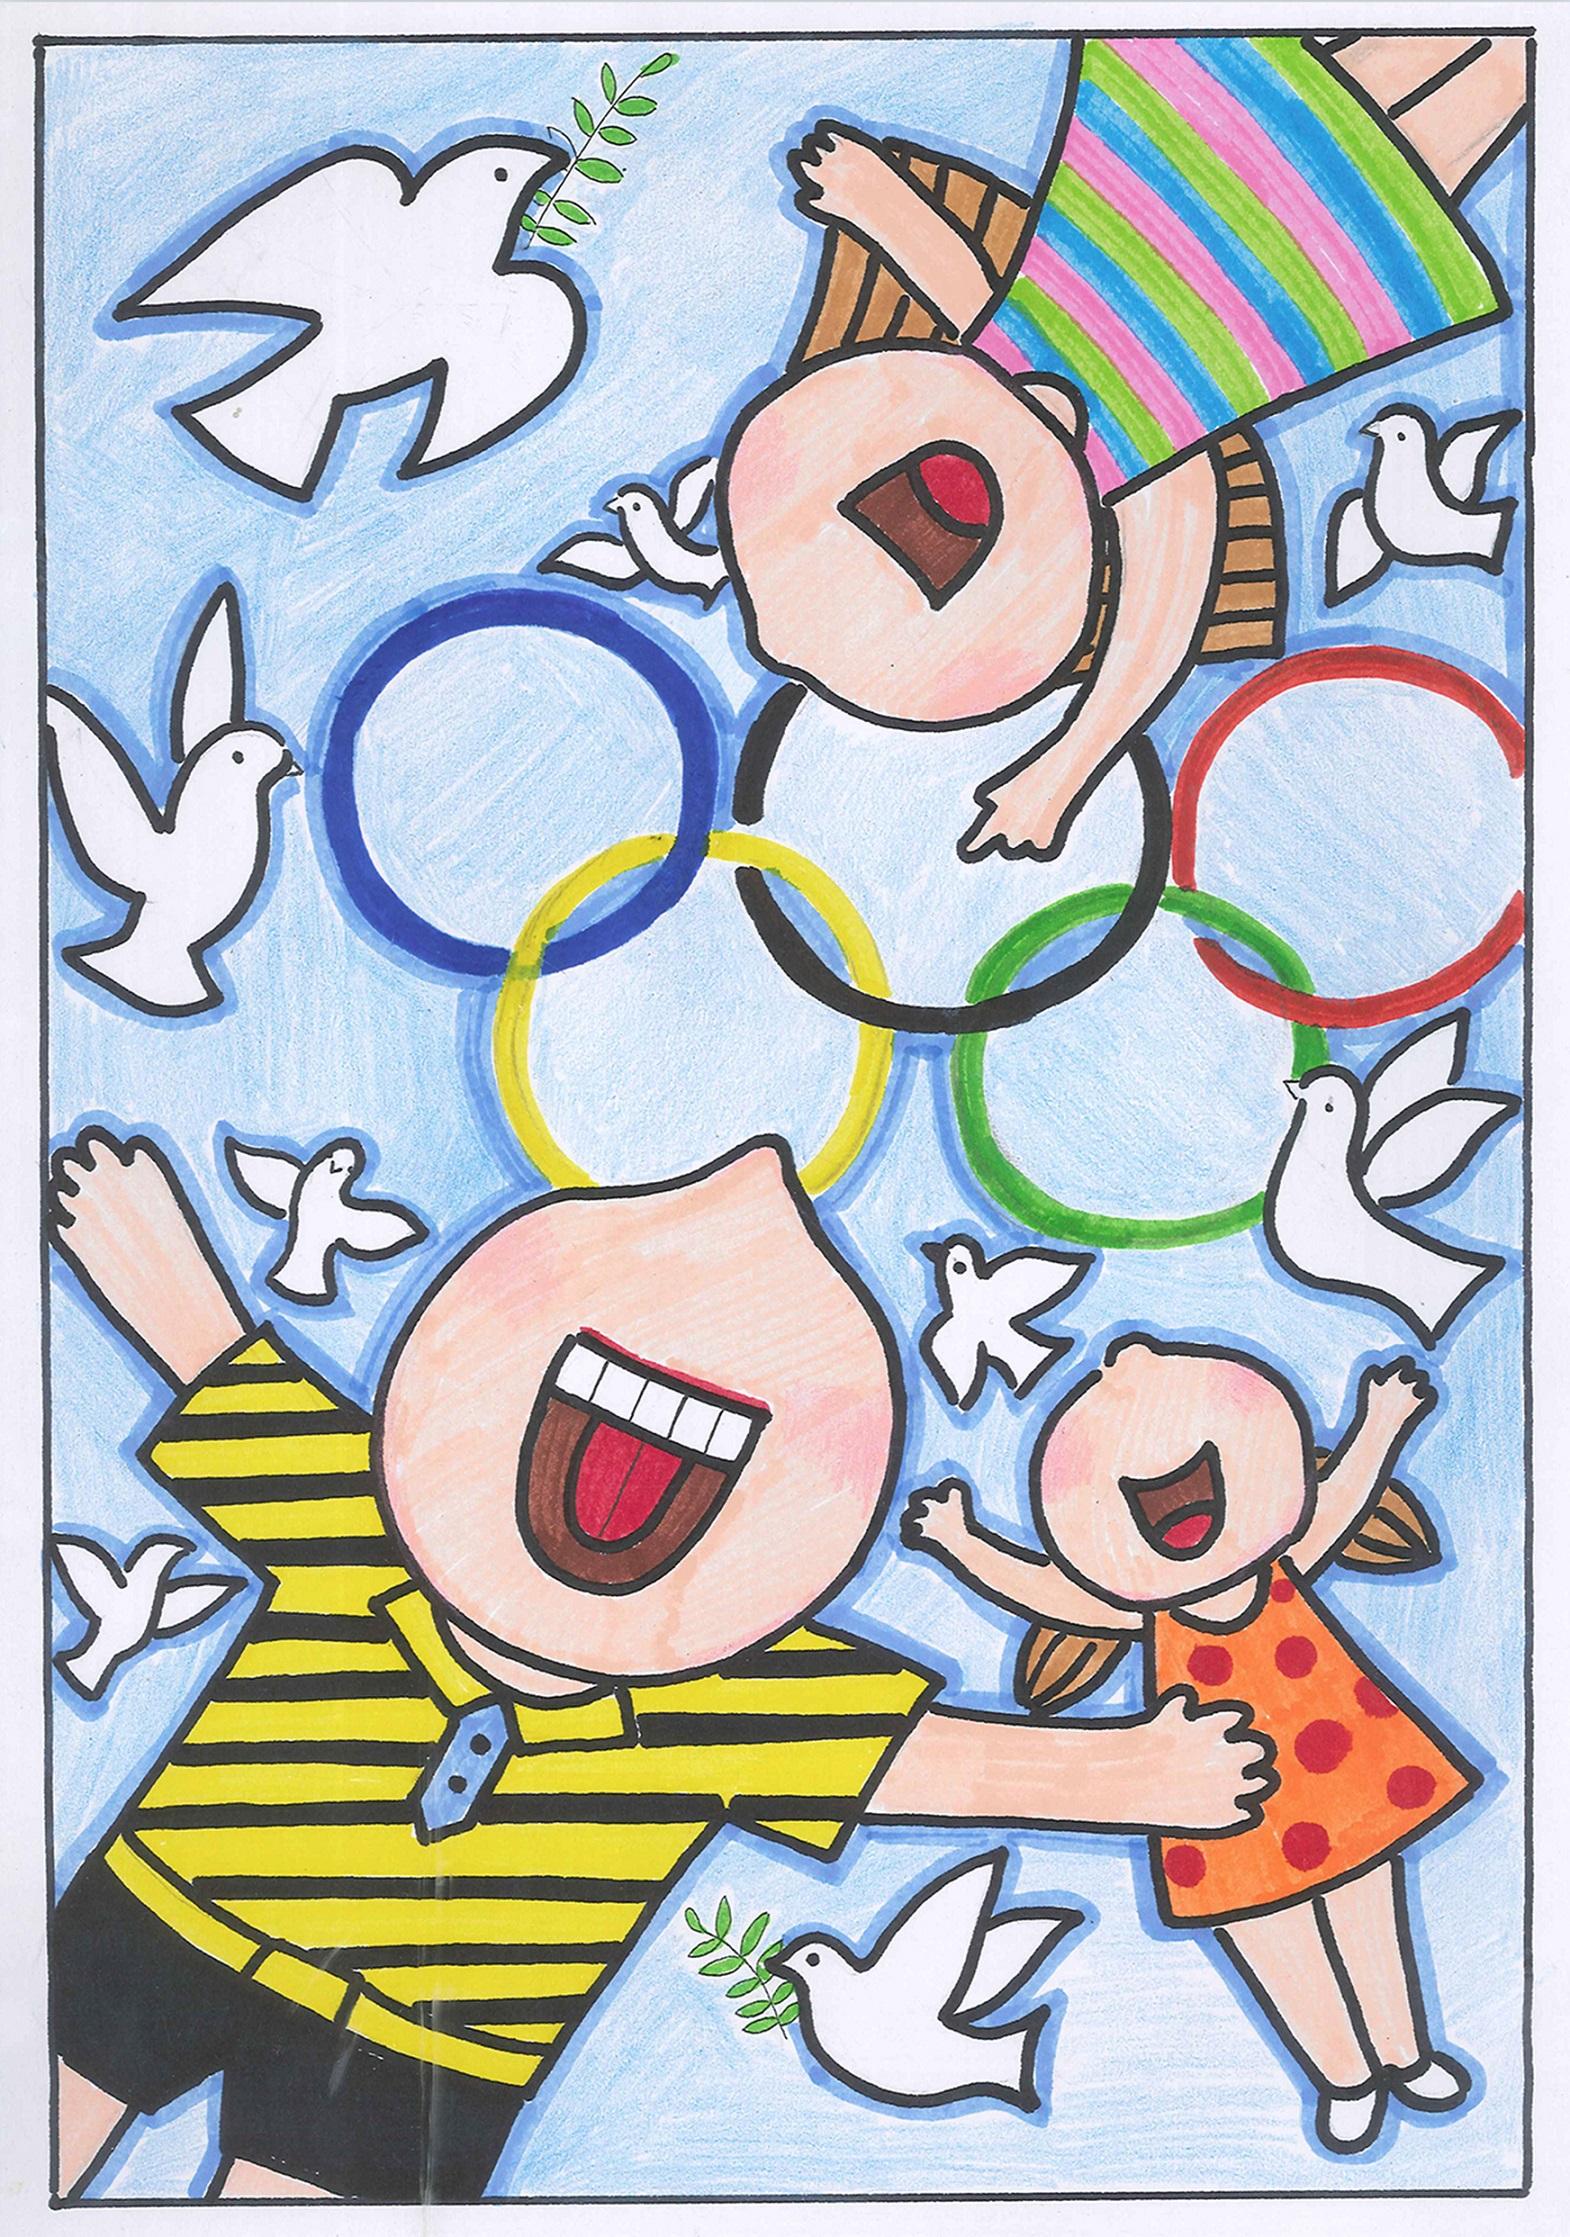 和平奥运 Peaceful Olympics+王子铮 Wang Zizheng